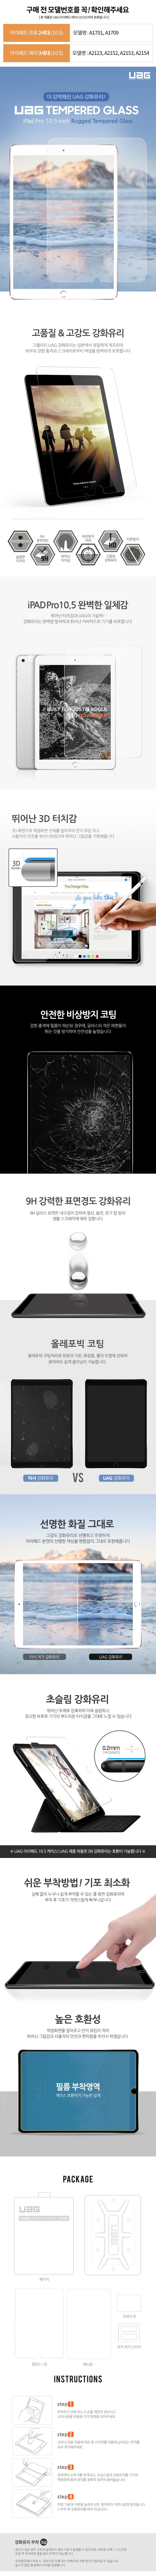 유에이지(UAG) UAG 아이패드 프로 10.5인치 강화유리